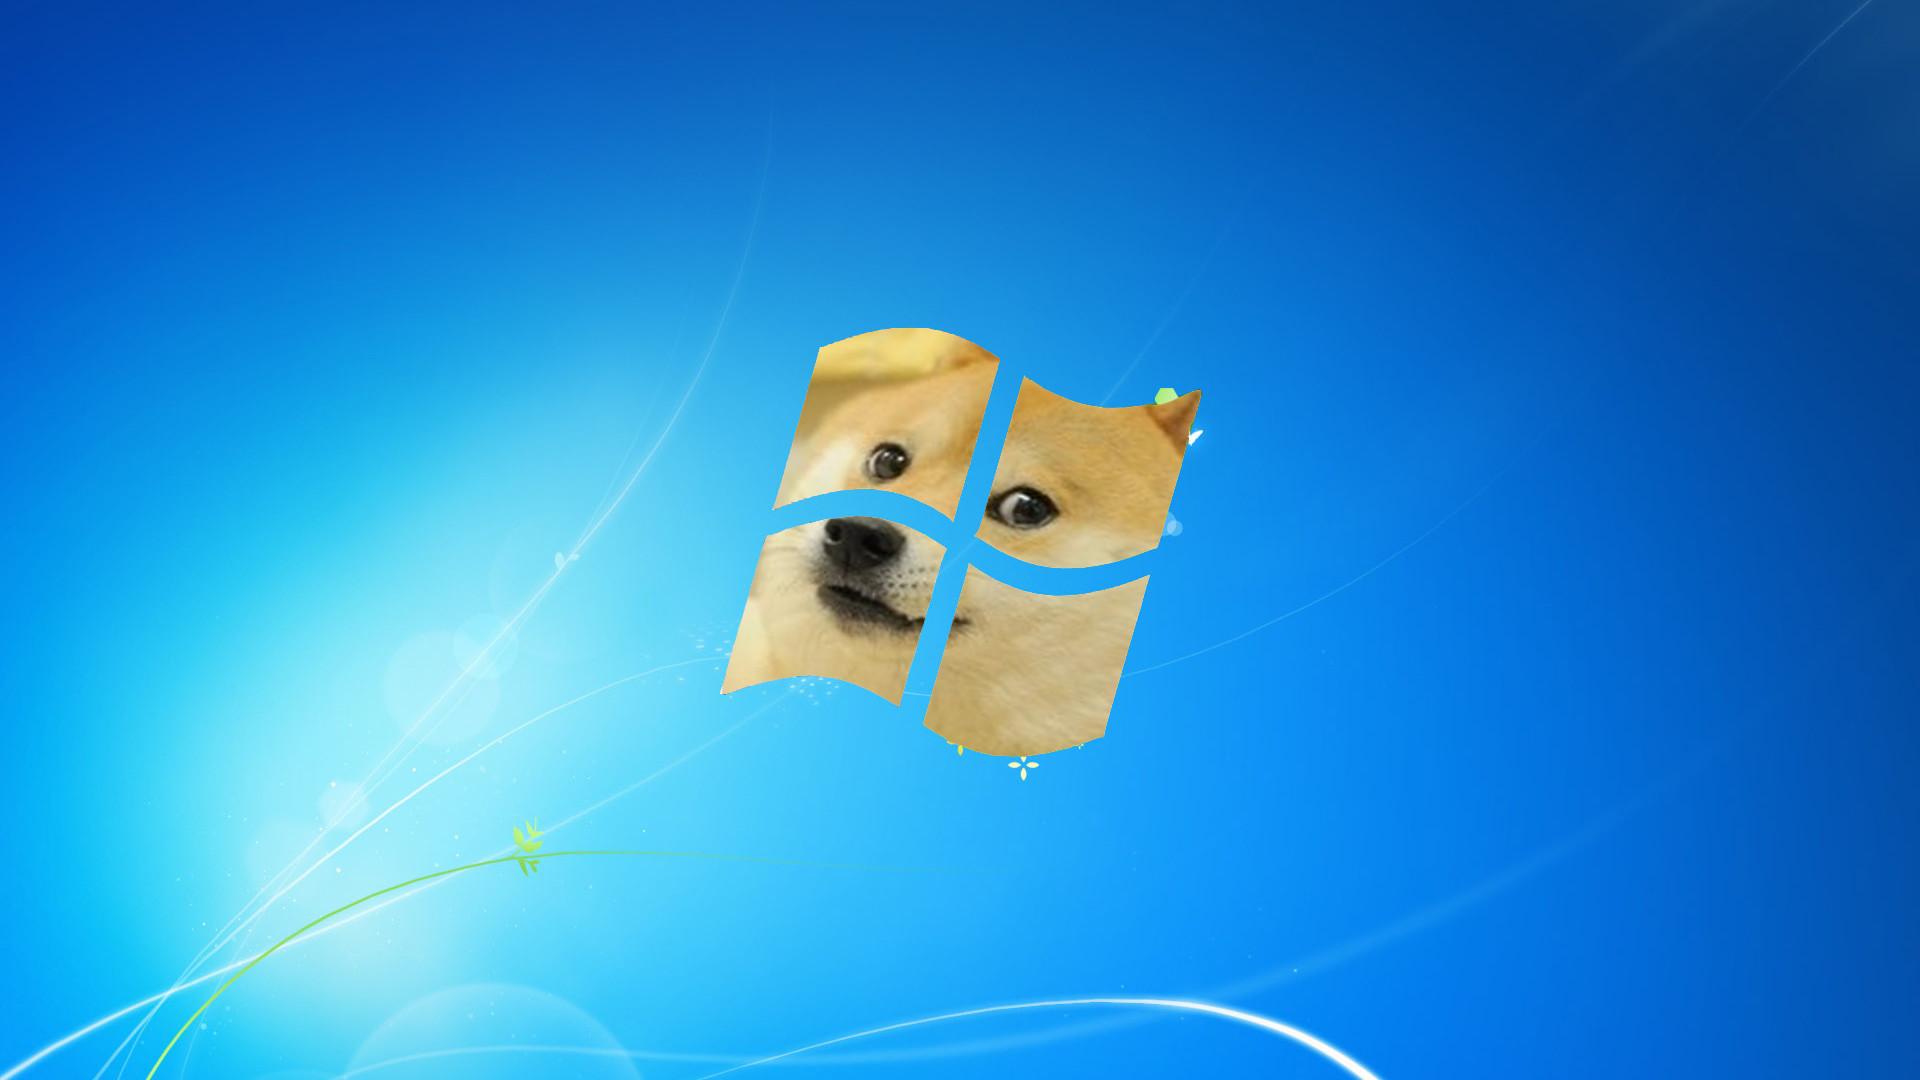 doge meme backgrounds im – photo #10